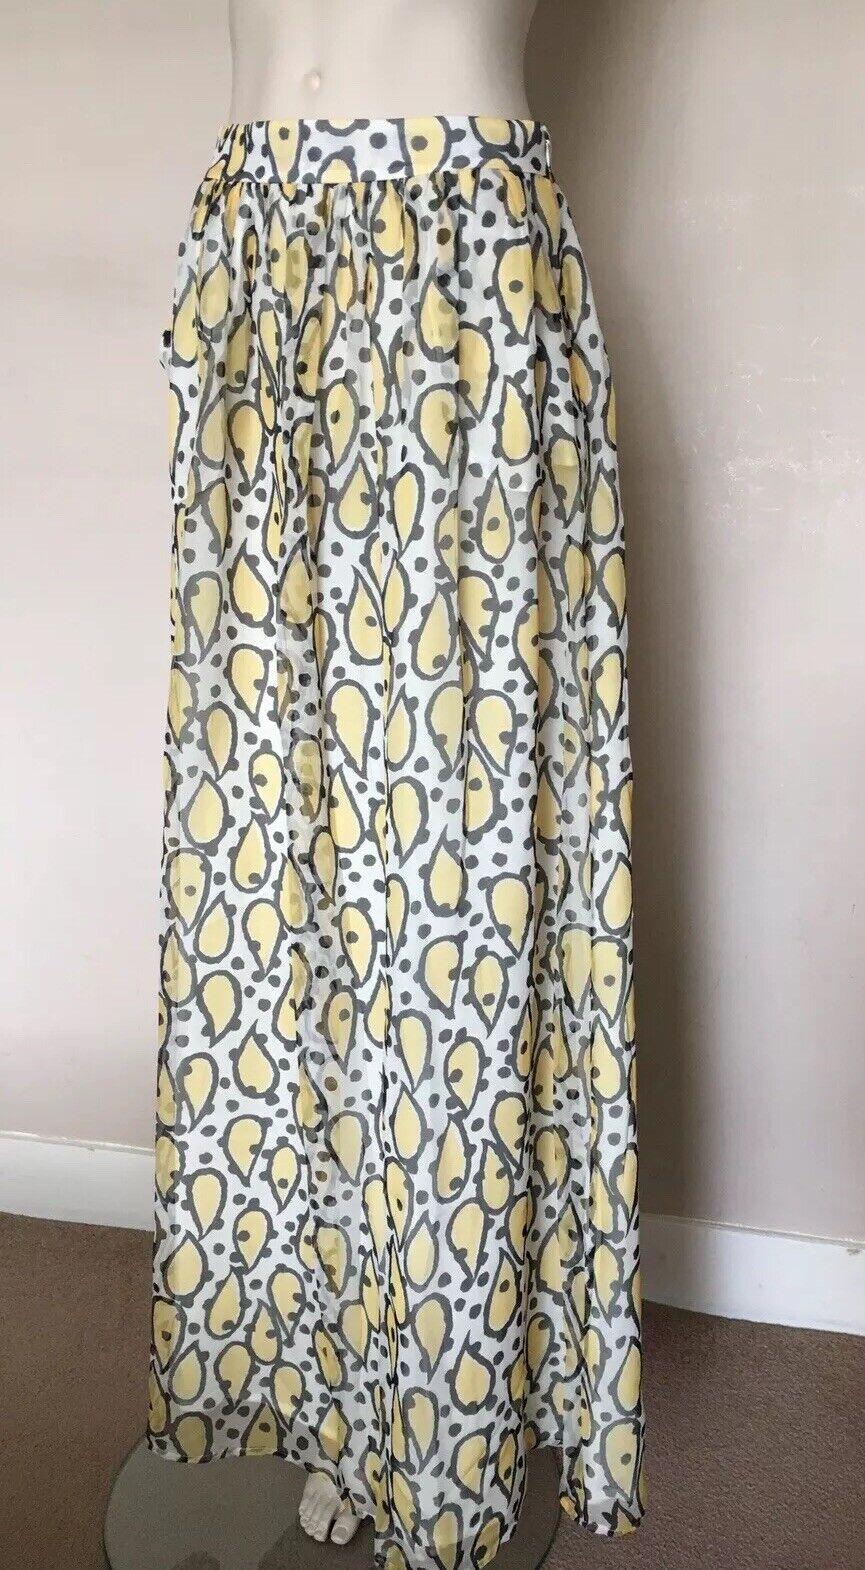 PAUL&JOE,100%Silk, Maxi Skirt, Size 36, S,  10